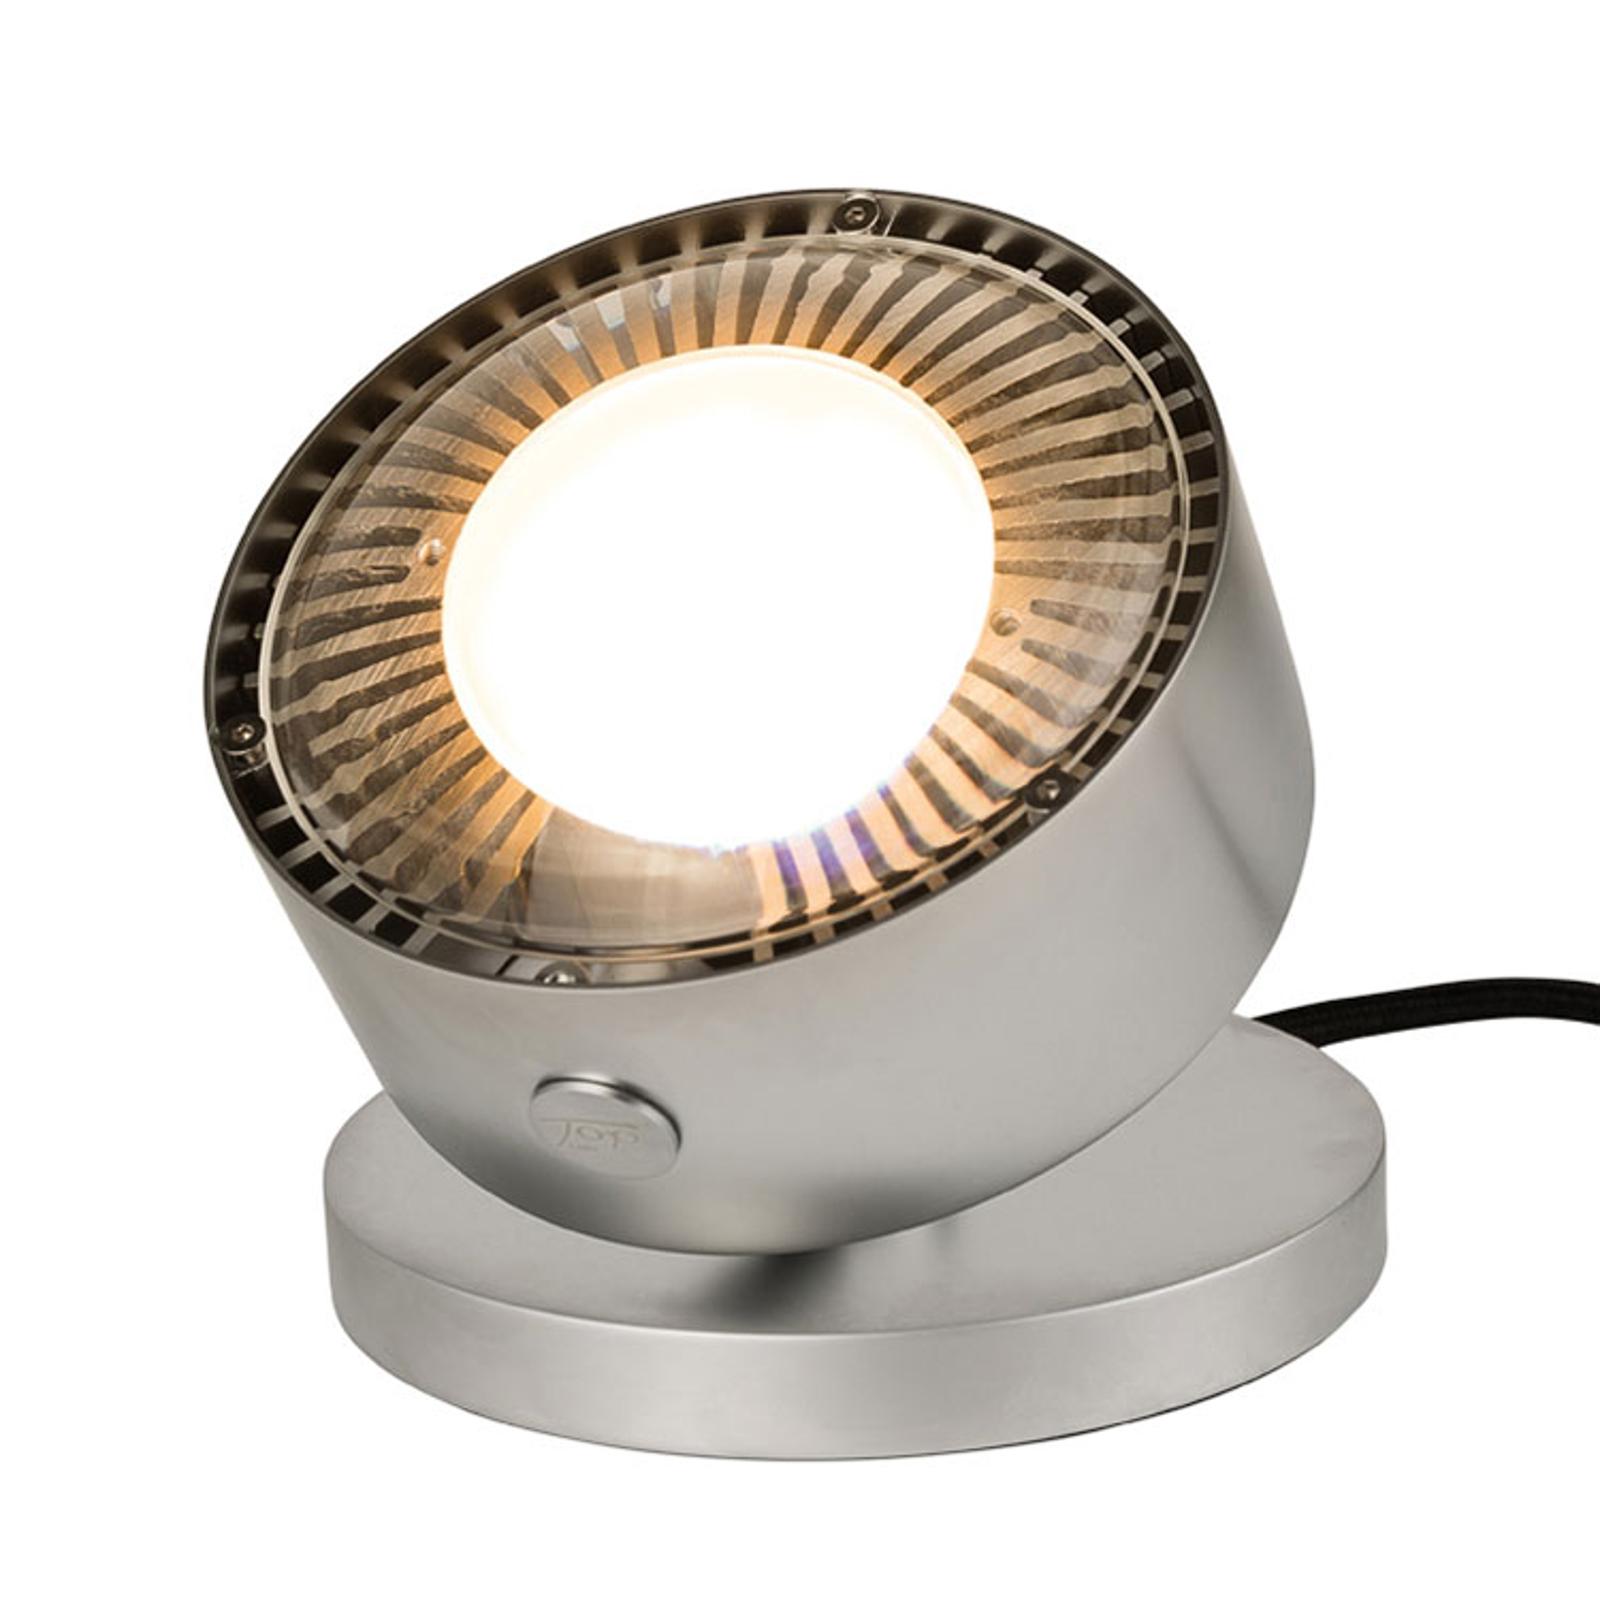 LED-Tischstrahler Puk Maxx Spot in Metall-Optik